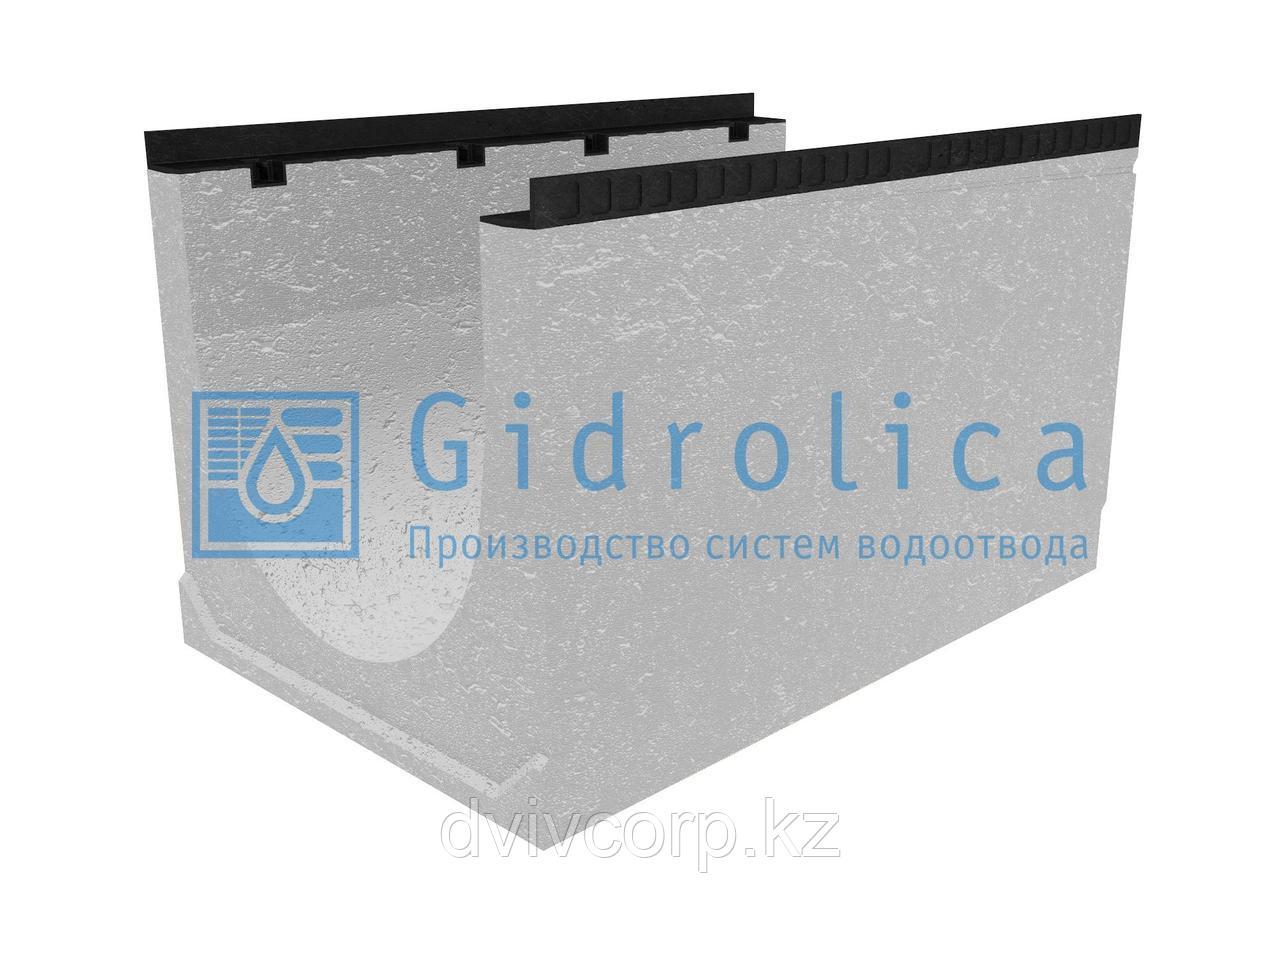 Лоток водоотводный бетонный коробчатый (СО-500мм), с уклоном 0,5%  КUу 100.65(50).61,5(52,5) - BGМ, № 33